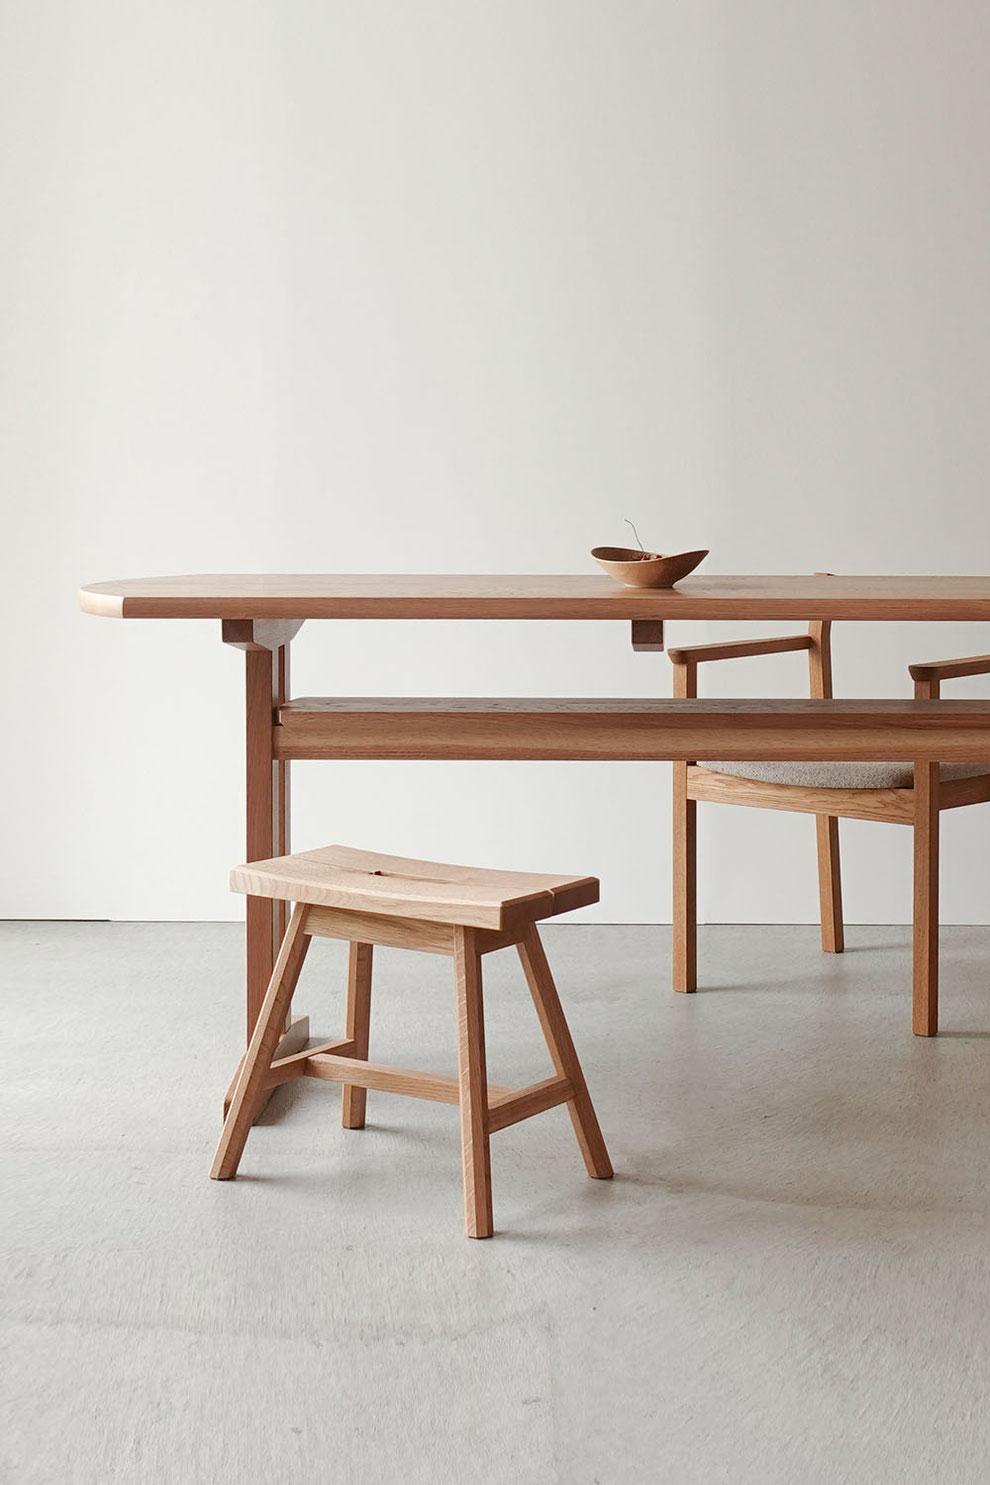 ナラ無垢材で作ったダイニングテーブルとチェア